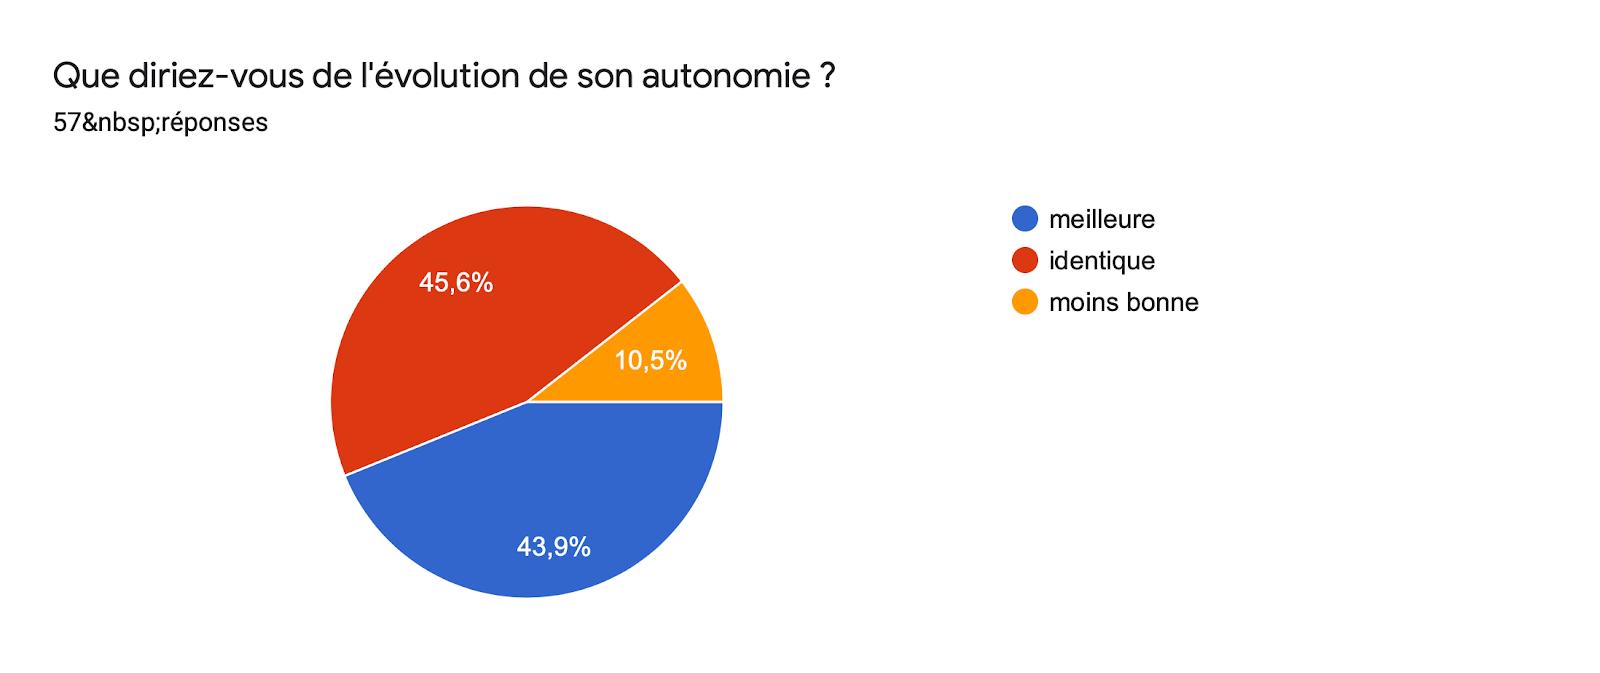 Tableau des réponses au formulaire Forms. Titre de la question: Que diriez-vous de l'évolution de son autonomie ?. Nombre de réponses: 57réponses.